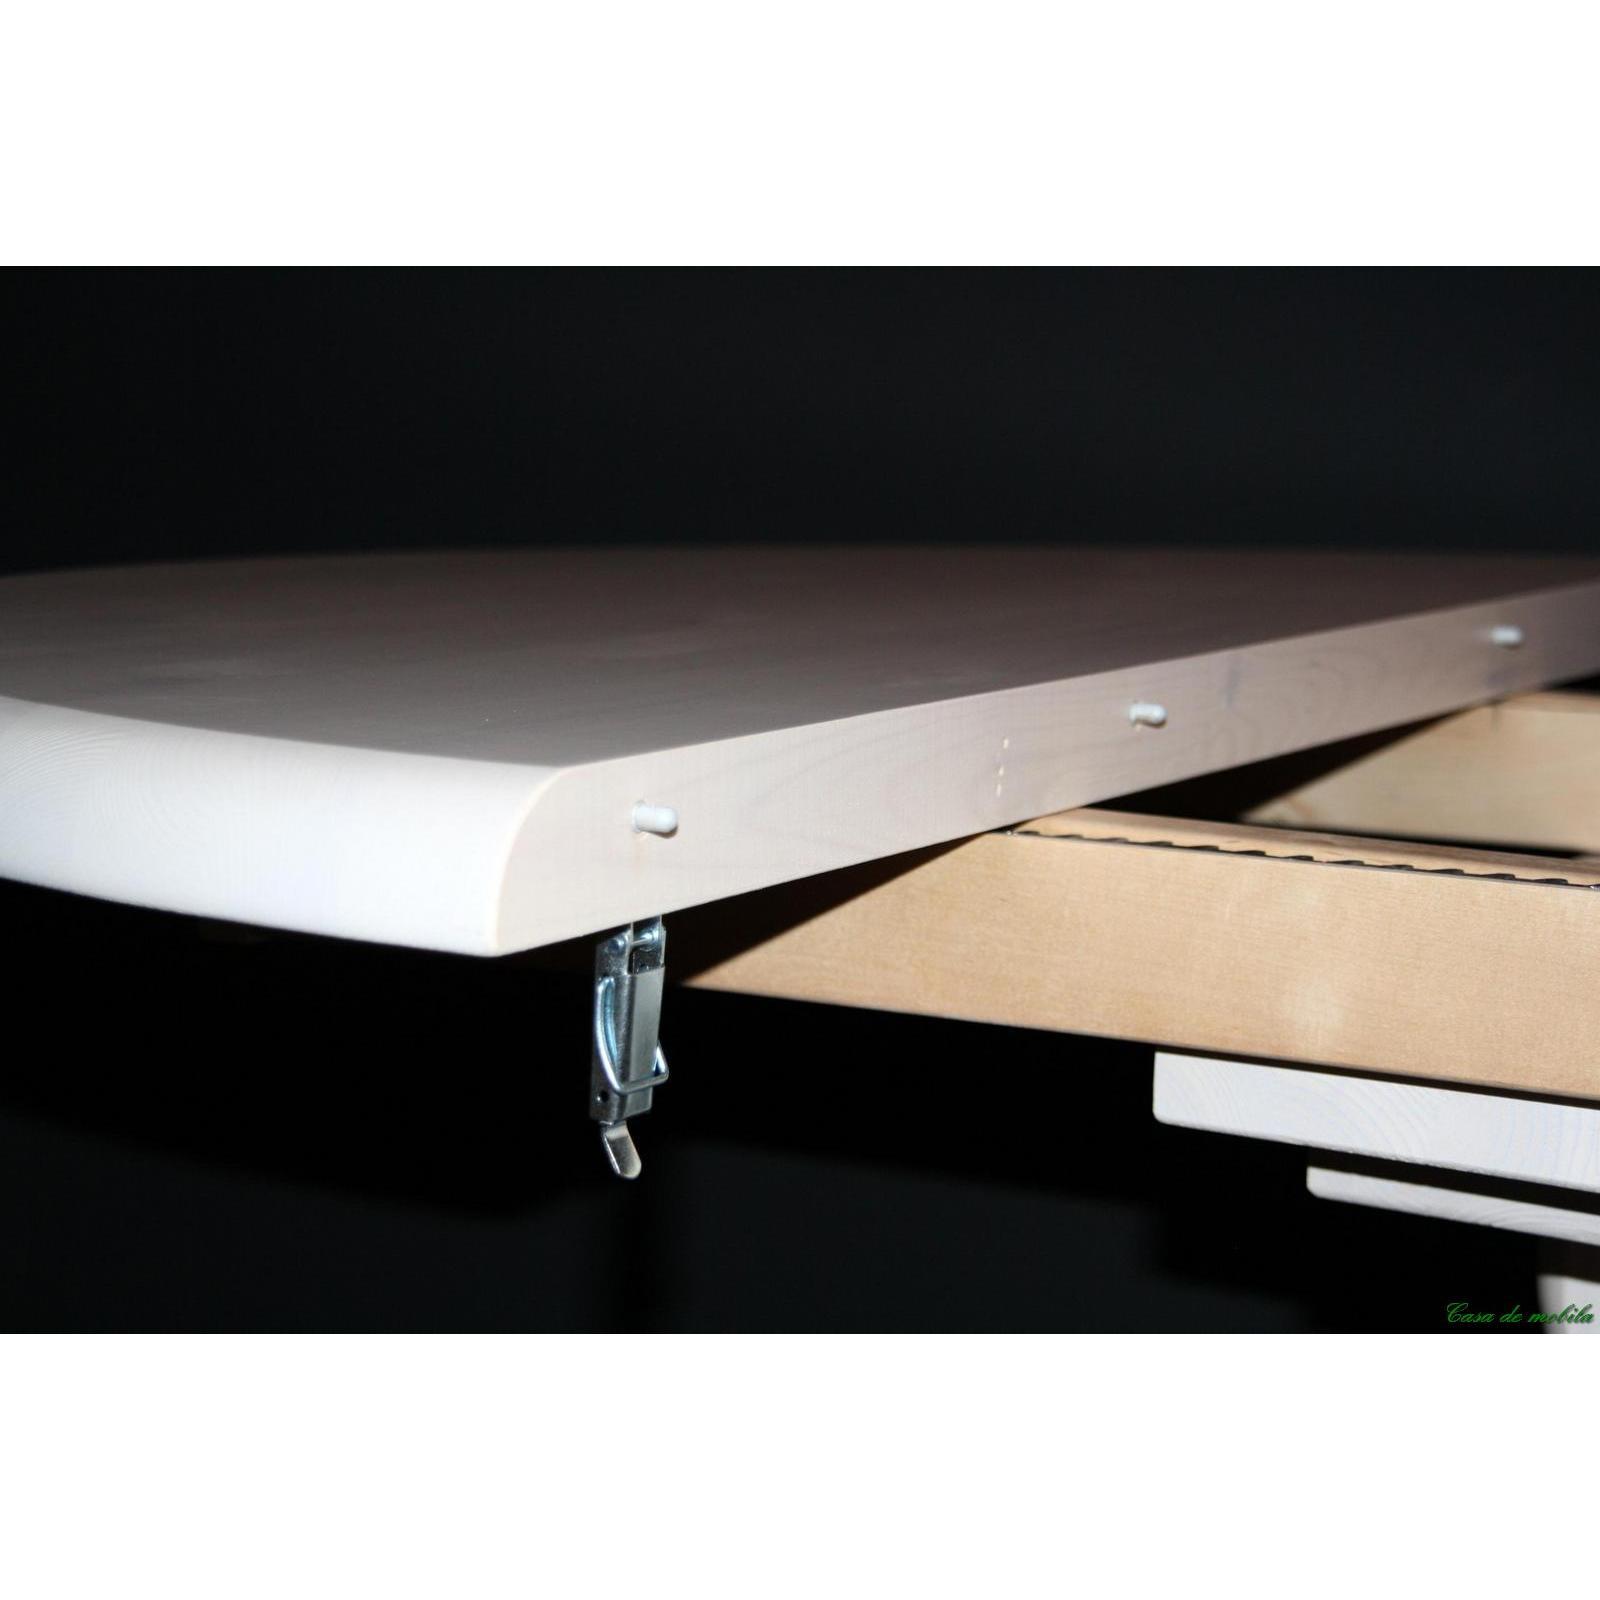 esstisch rund kiefer massiv ausziehbar oval innenr ume und m bel ideen. Black Bedroom Furniture Sets. Home Design Ideas